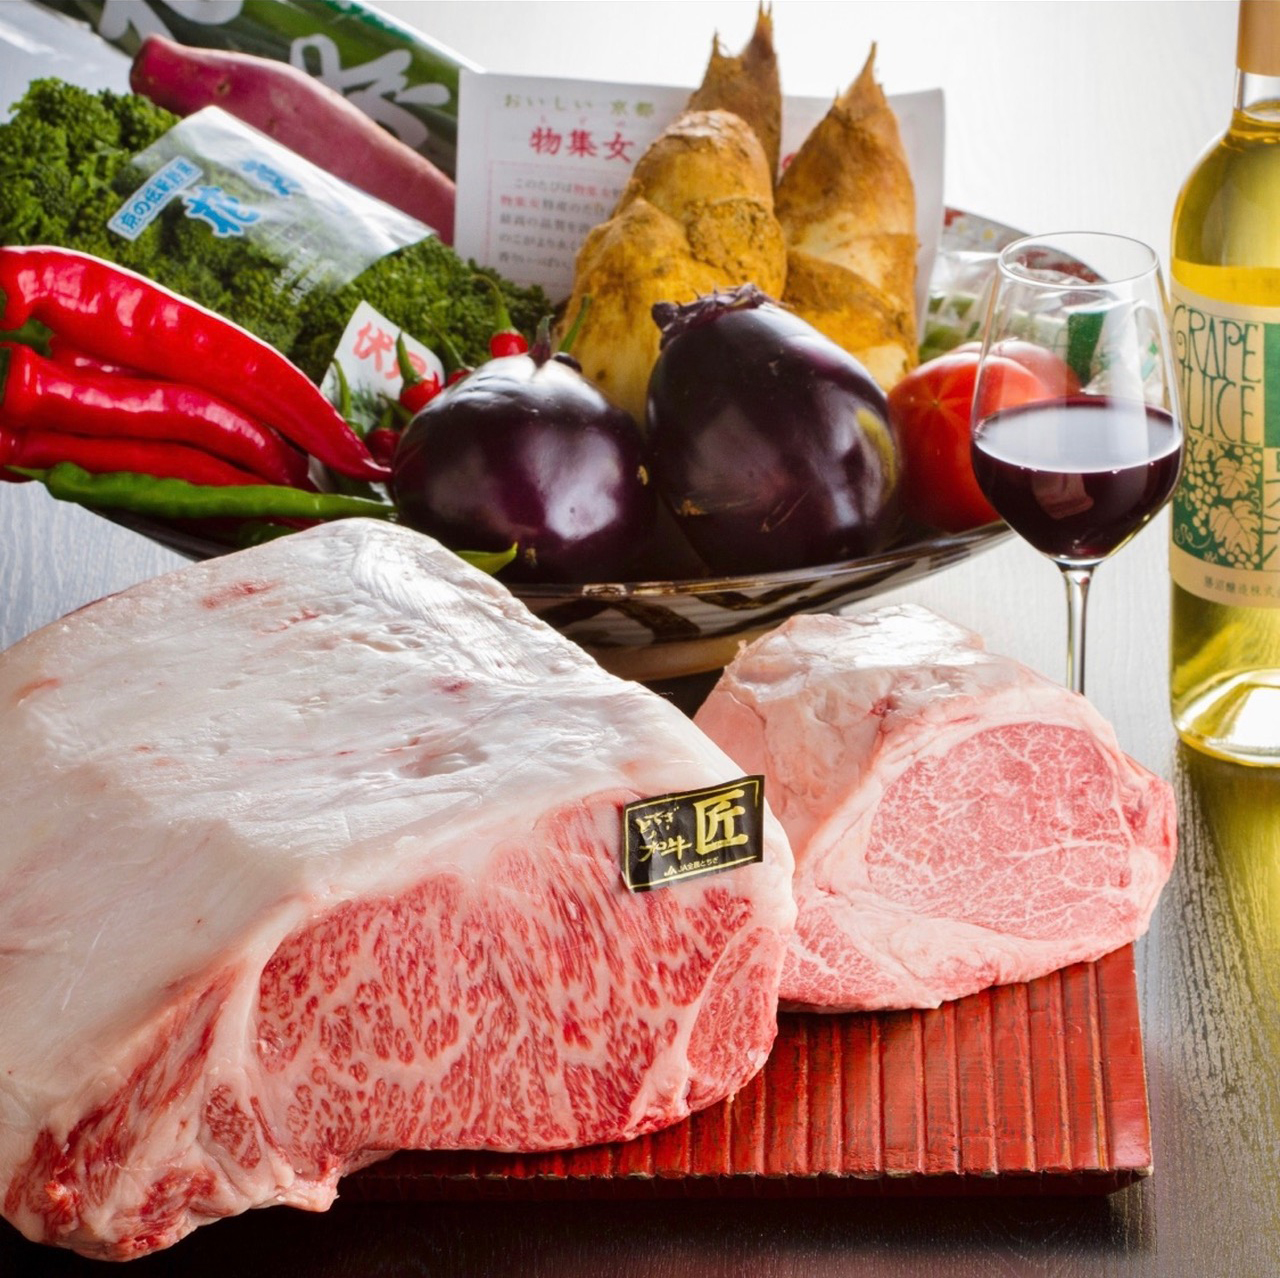 【おまかせコース】<p>コース内容: 先付・お造り・季節の一品・主菜・小鍋・お食事・水菓子</p>